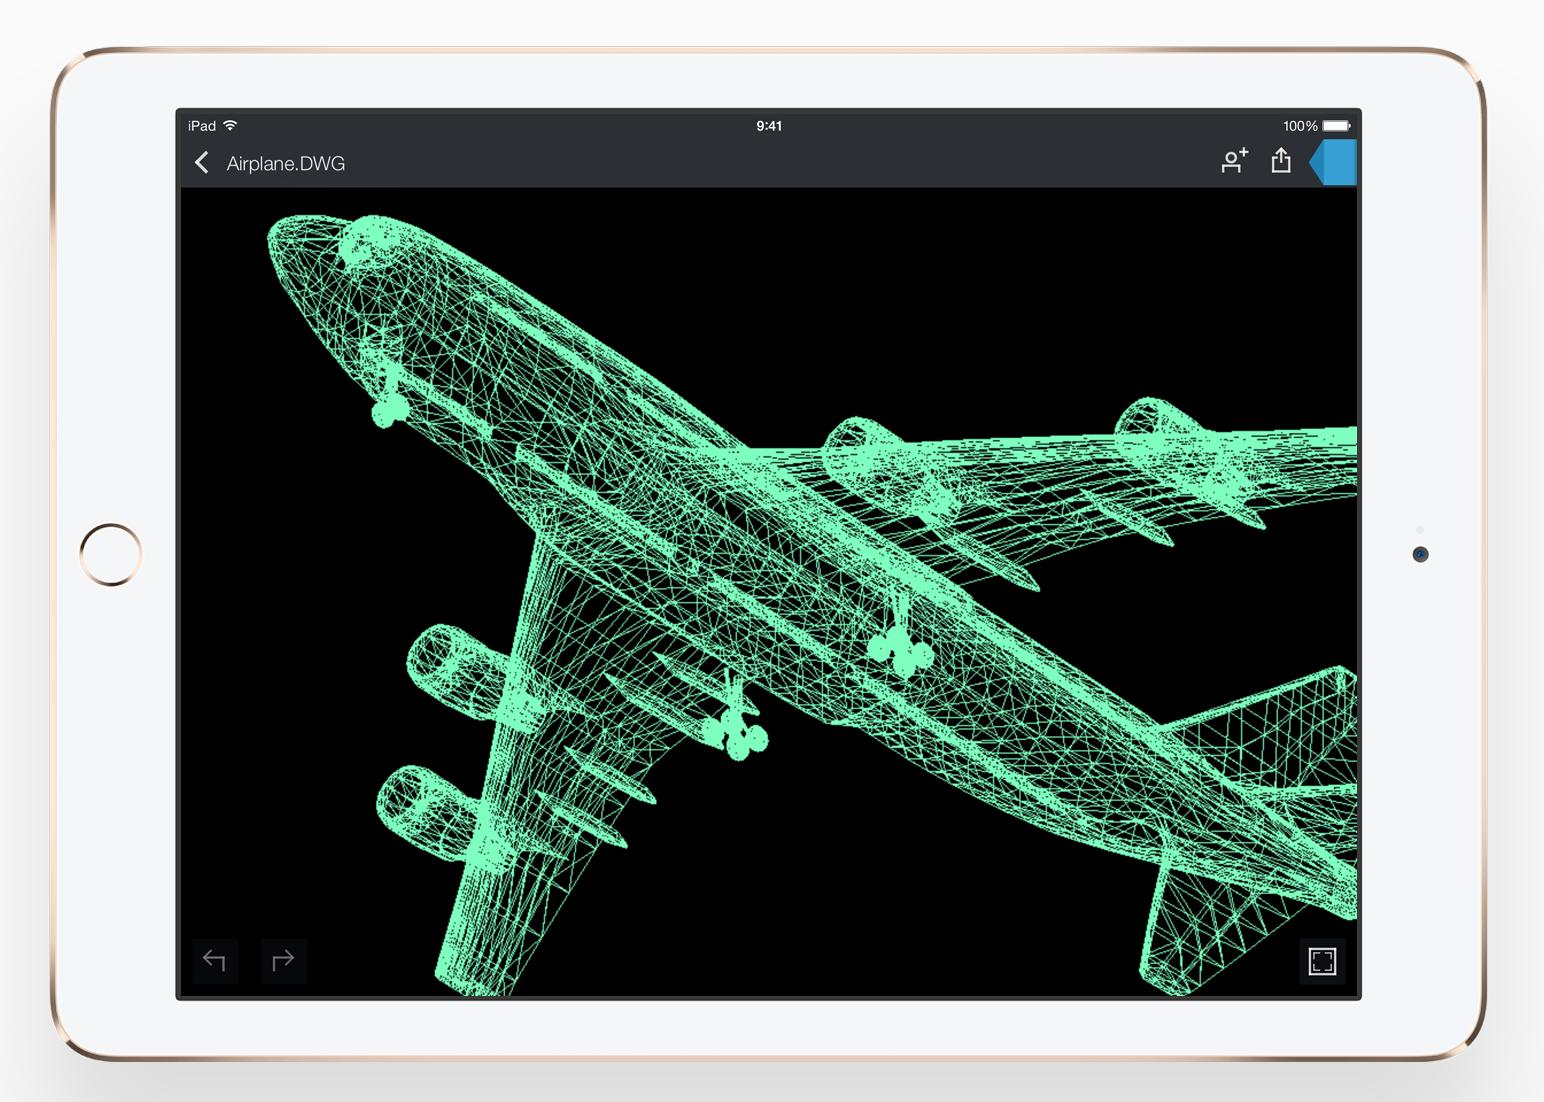 焼津市ふるさと納税返礼品 iPad air2の処理速度の速さ